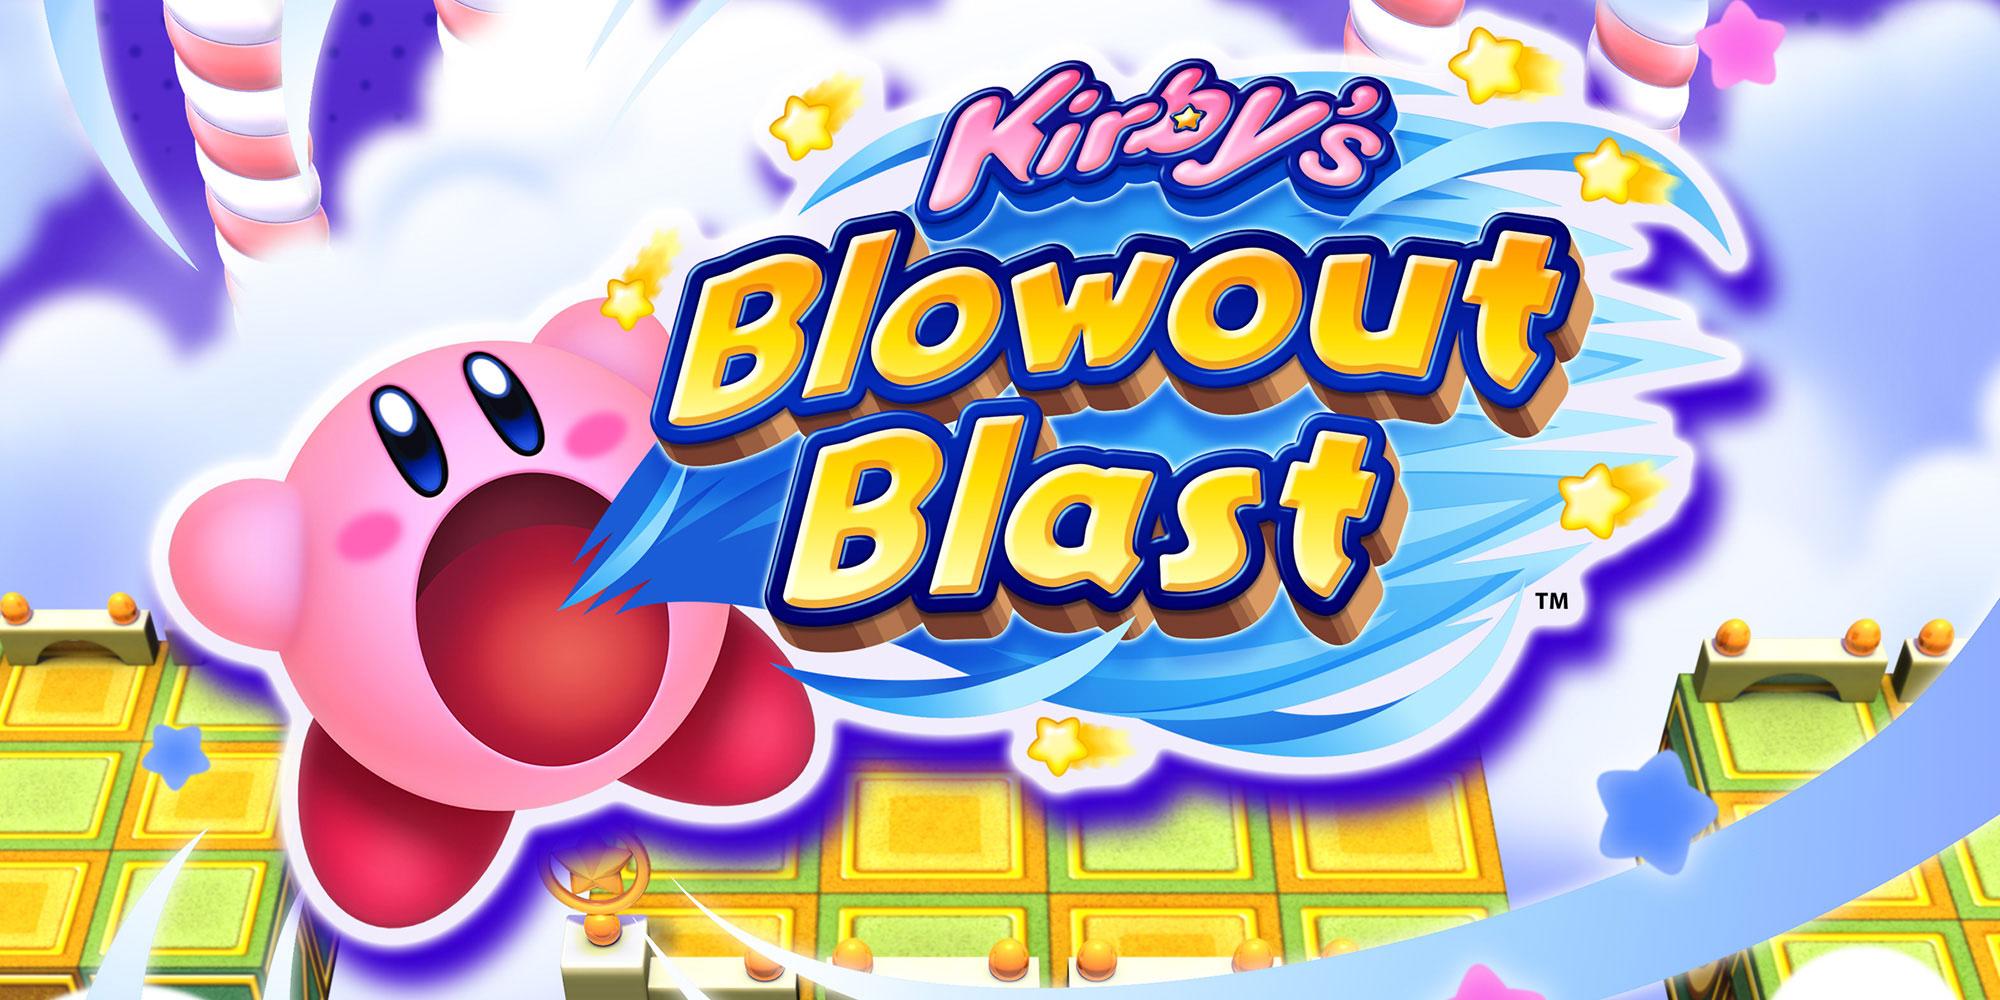 kirbys_blowout_blast